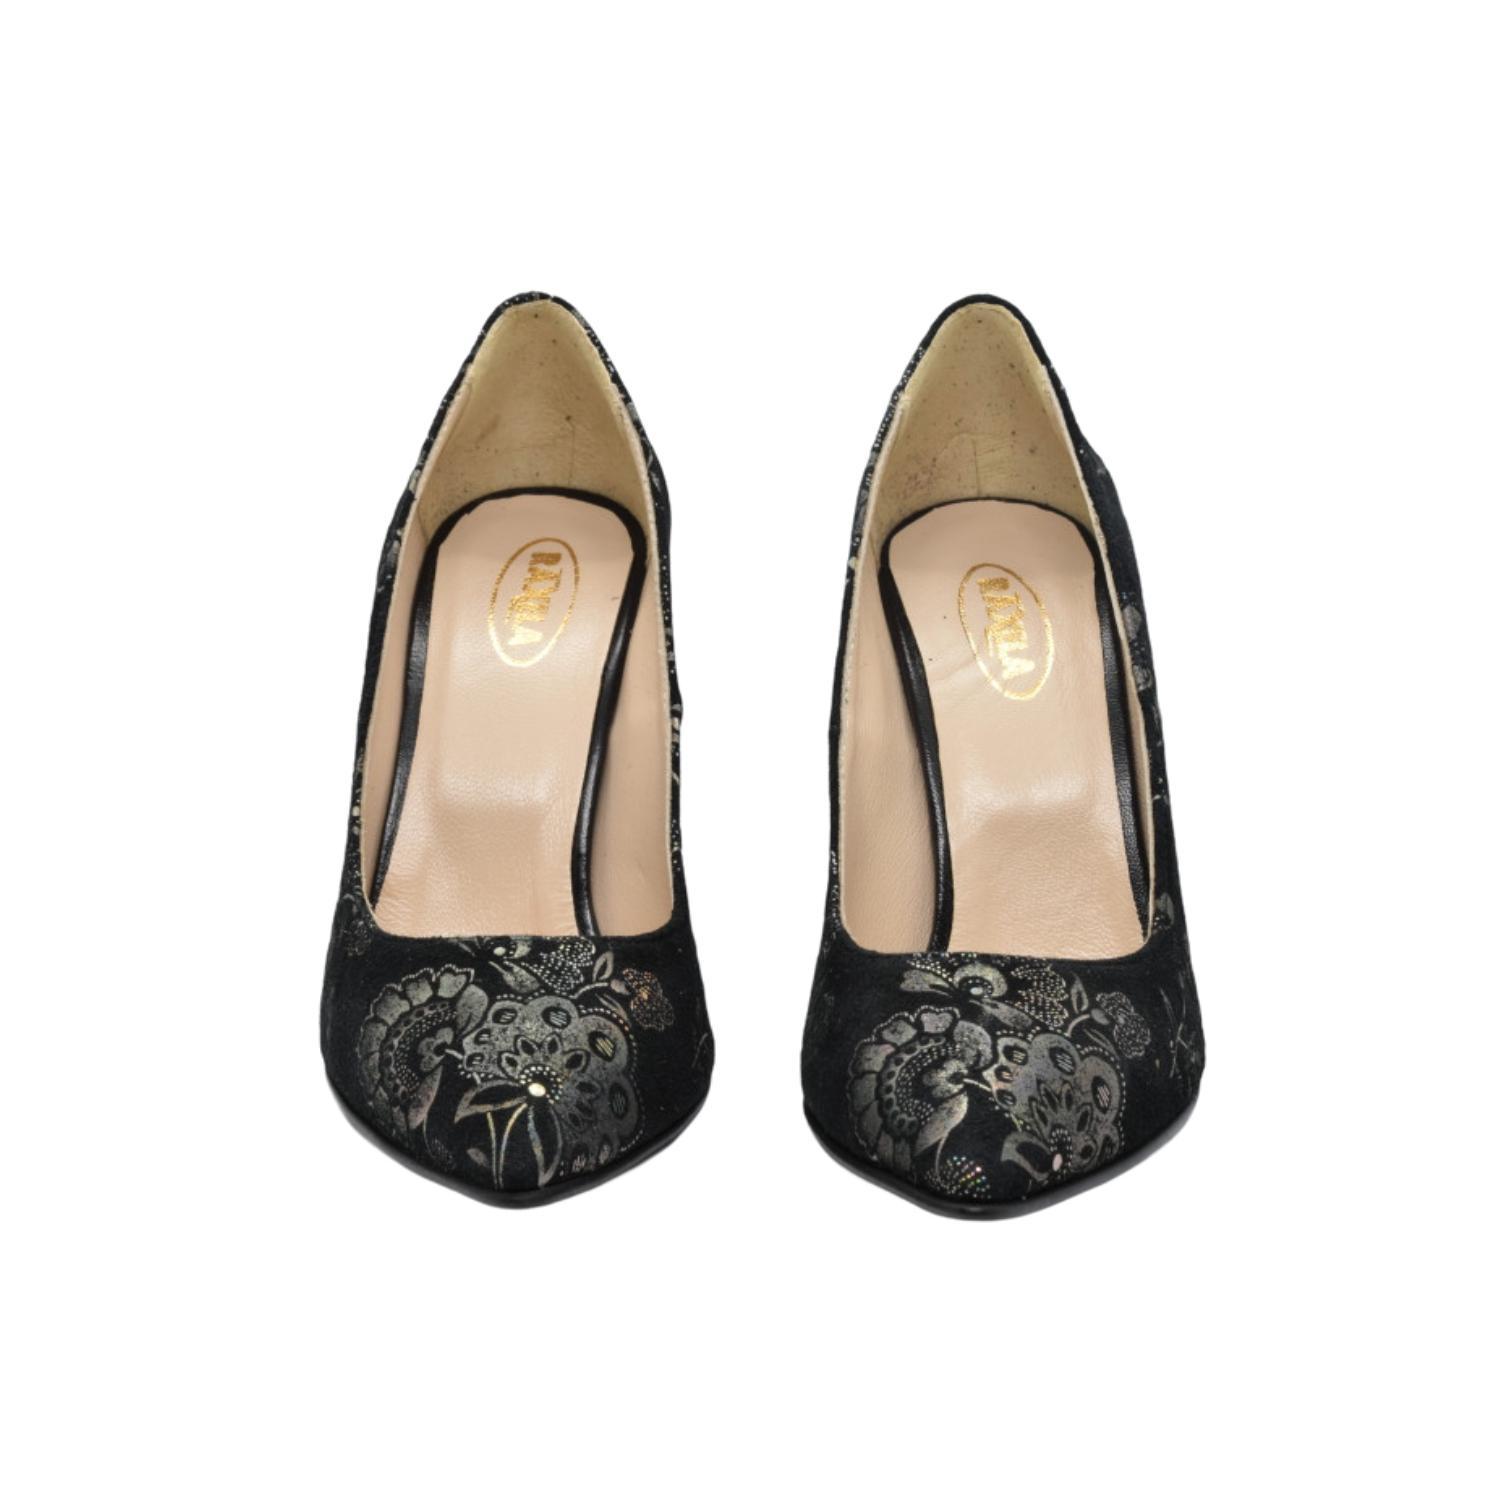 Pantofi negri cu imprimeu floral argintiu